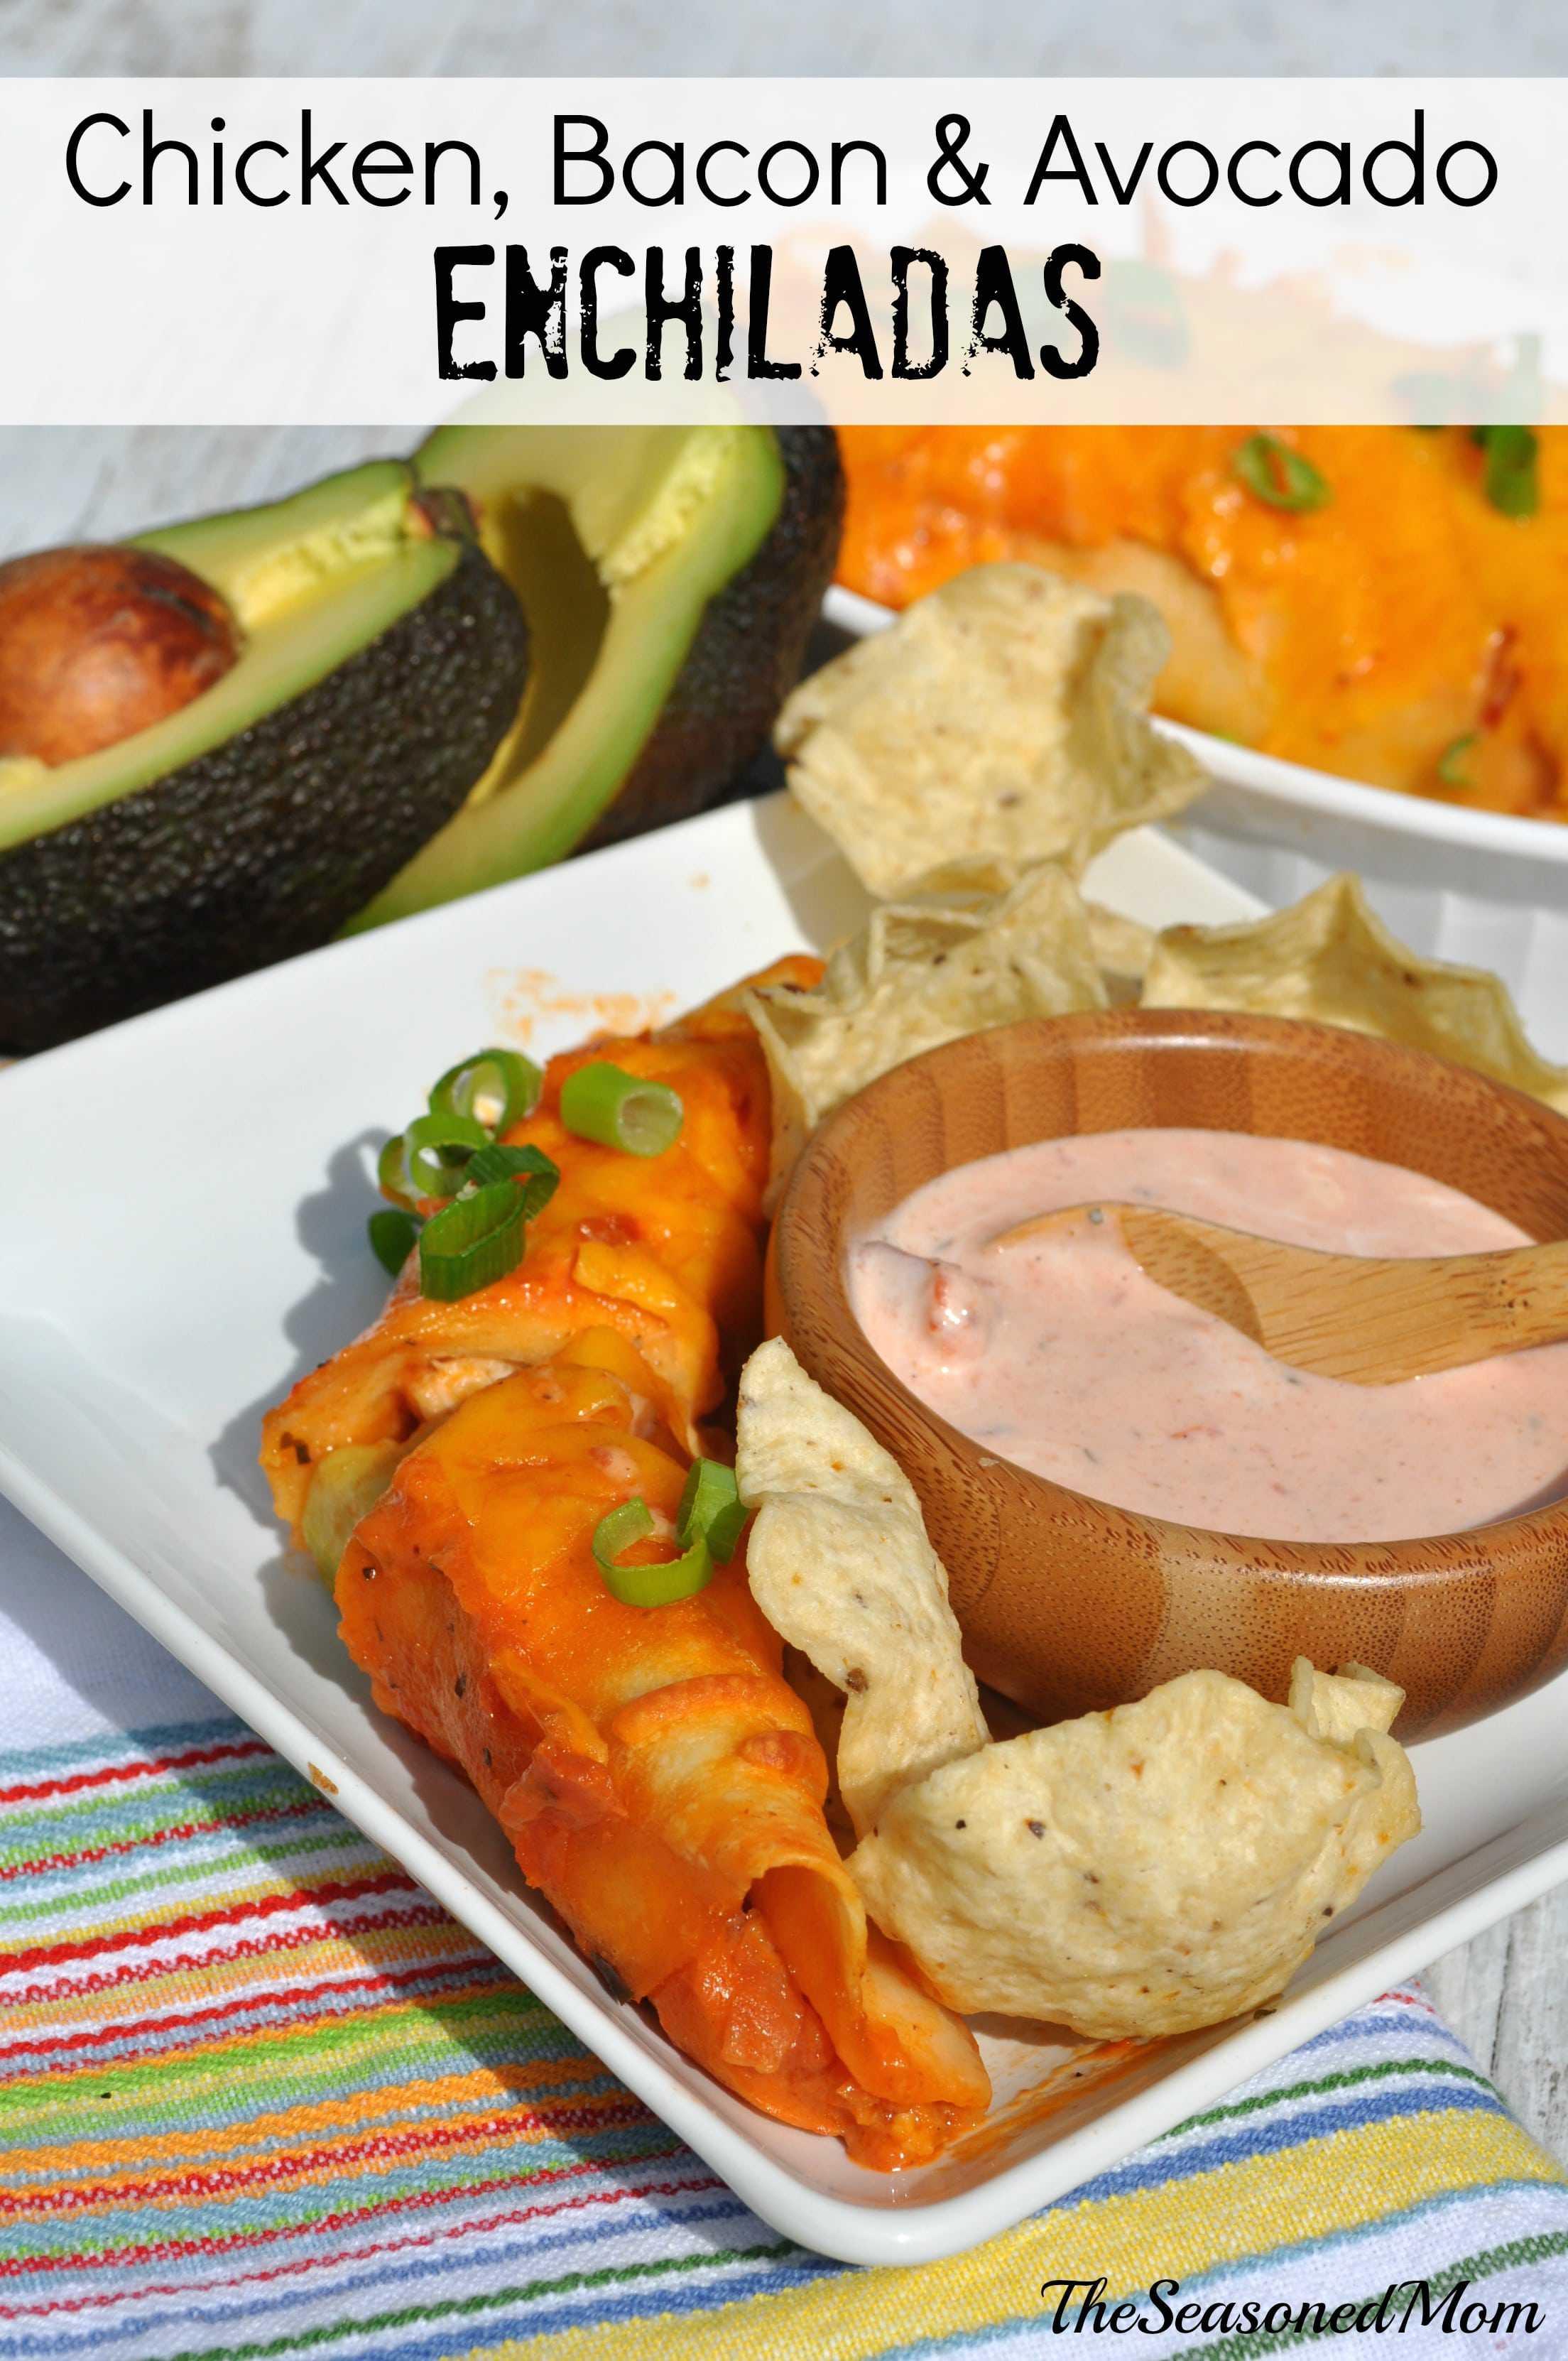 Chicken Bacon & Avocado Enchiladas + a Video and $50 Visa Gift Card # ...